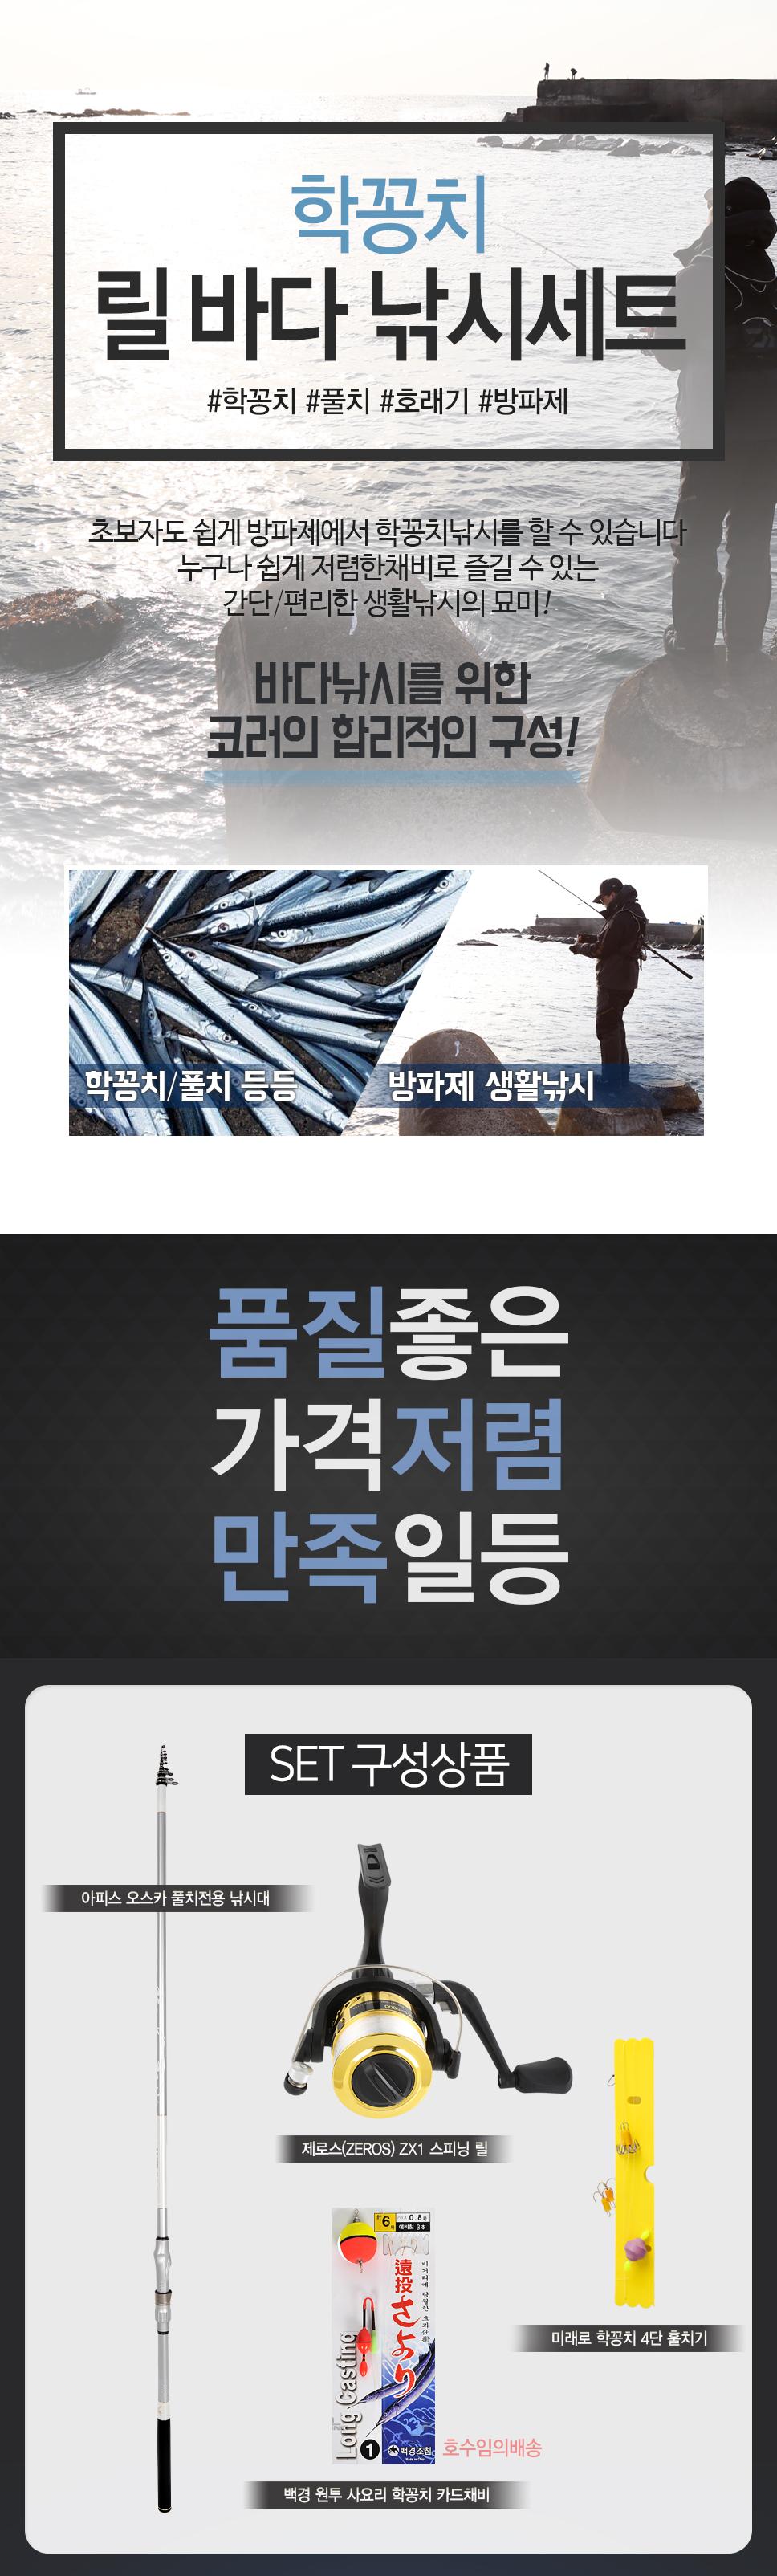 학꽁치 릴 바다 낚시세트 방파제낚시 풀치 호래기 방파제 생활낚시 바다릴낚시 바다루어